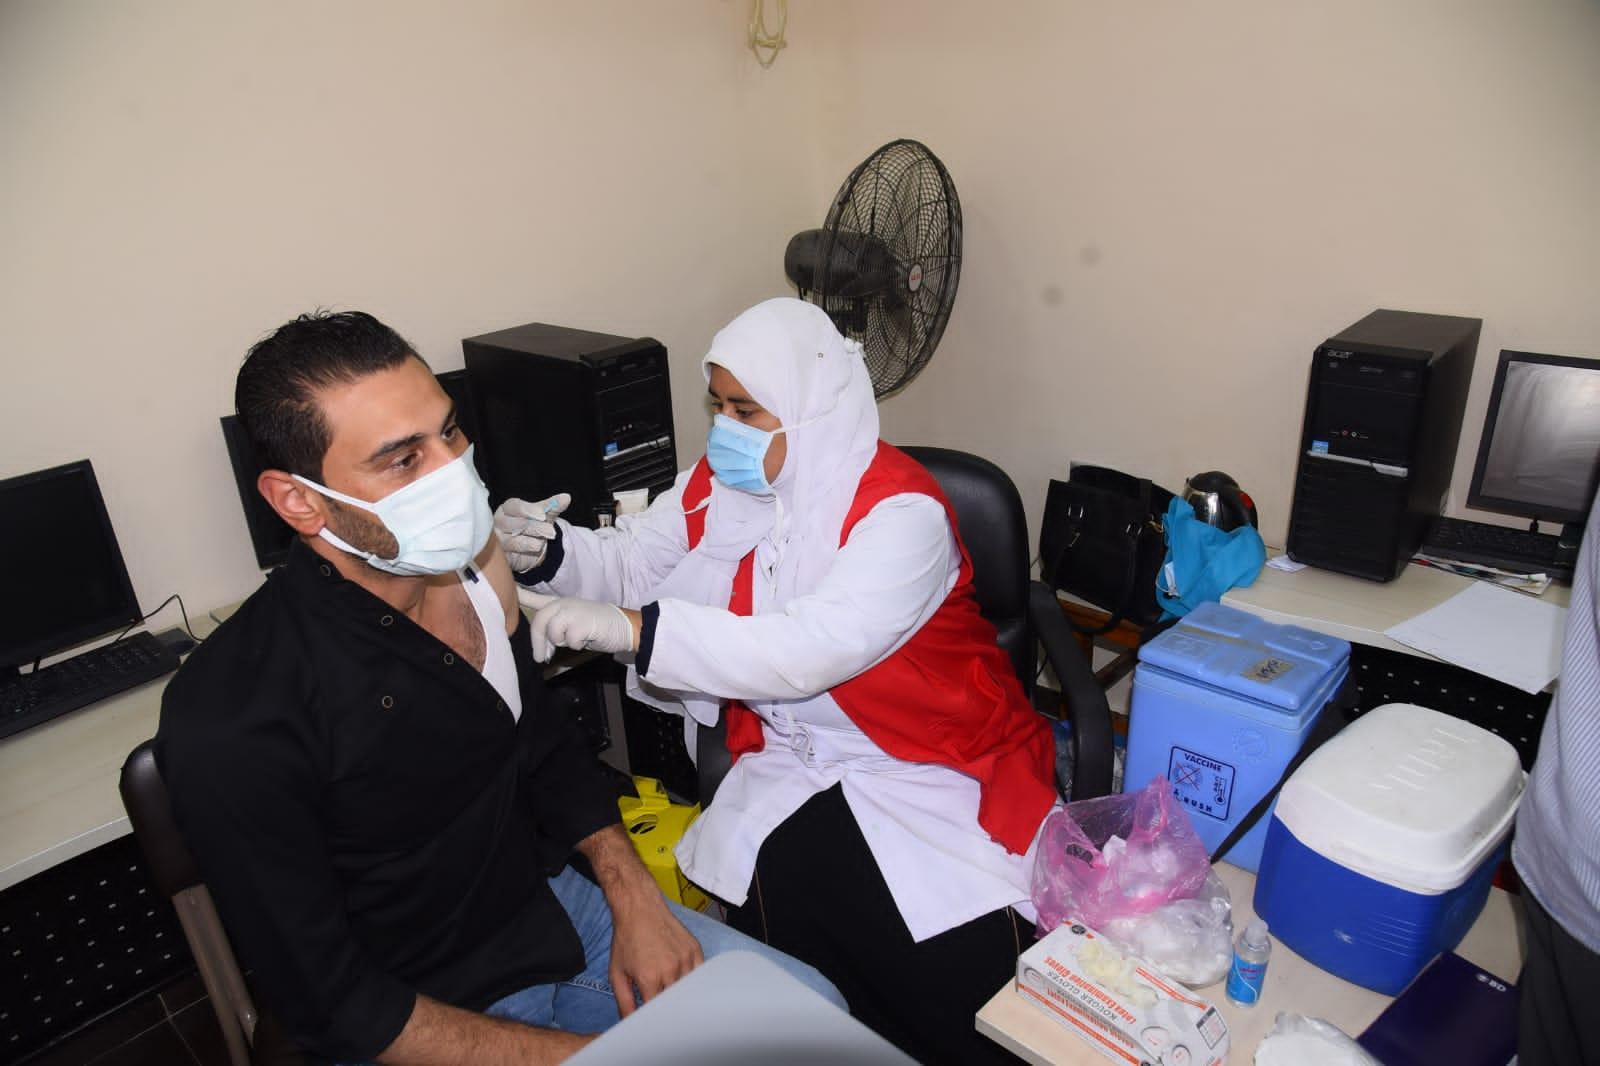 محافظ مطروح يتابع استمرار أعمال خطة المحافظة لتطعيم جميع العاملين بالمصالح والمديريات الخدمية والحكومية